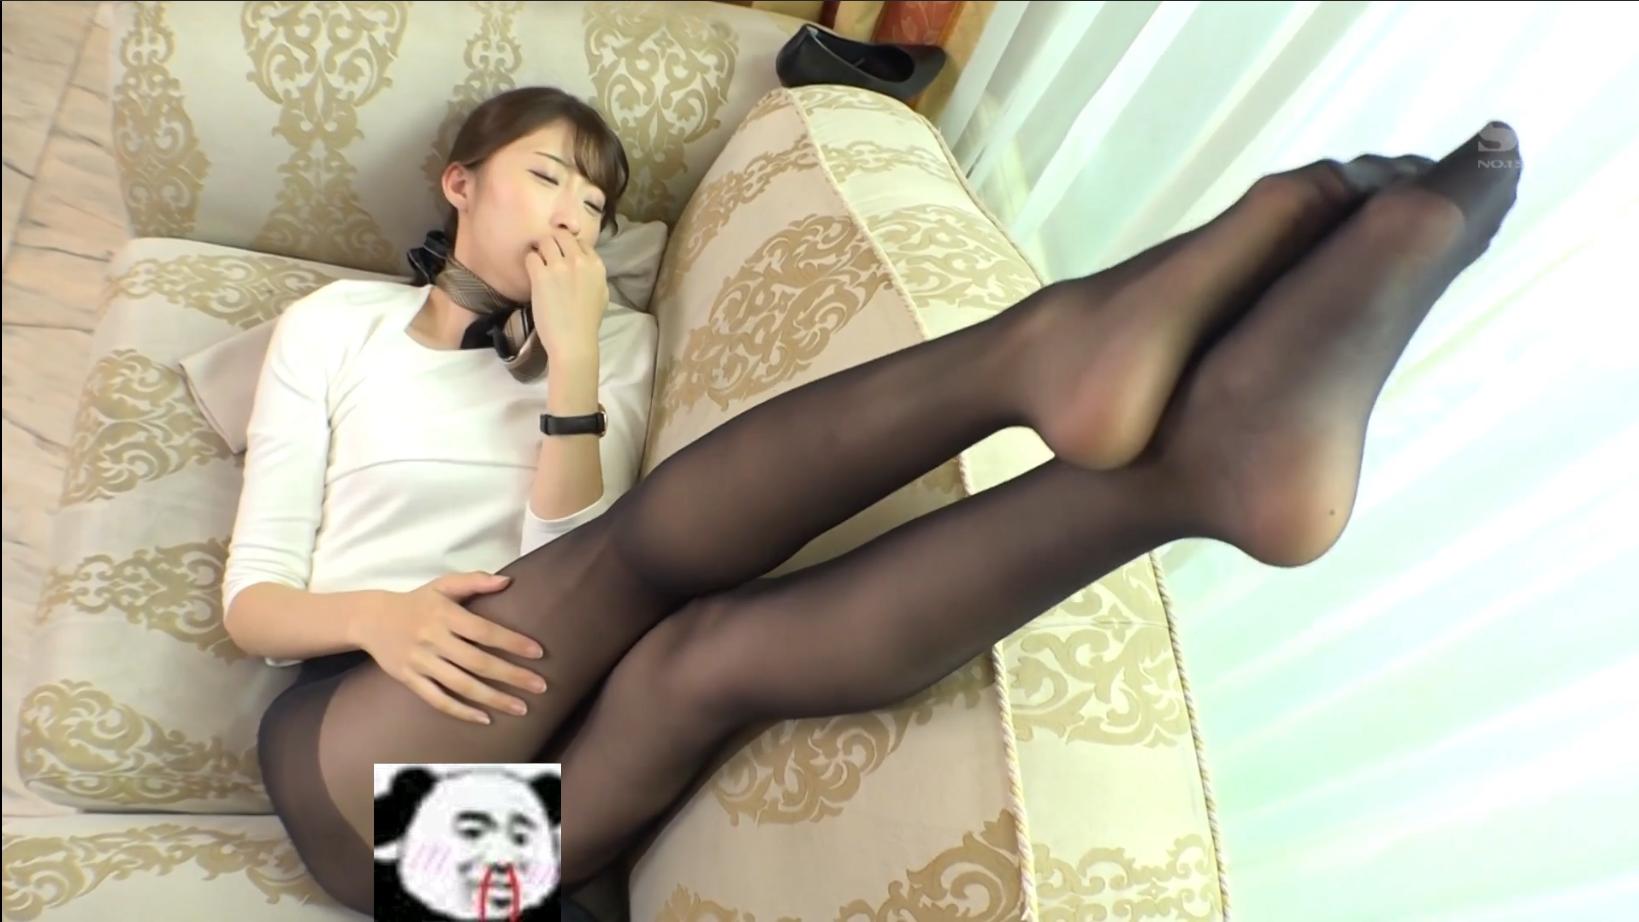 因为前台姐姐腿太长 我让我的女友爪巴了